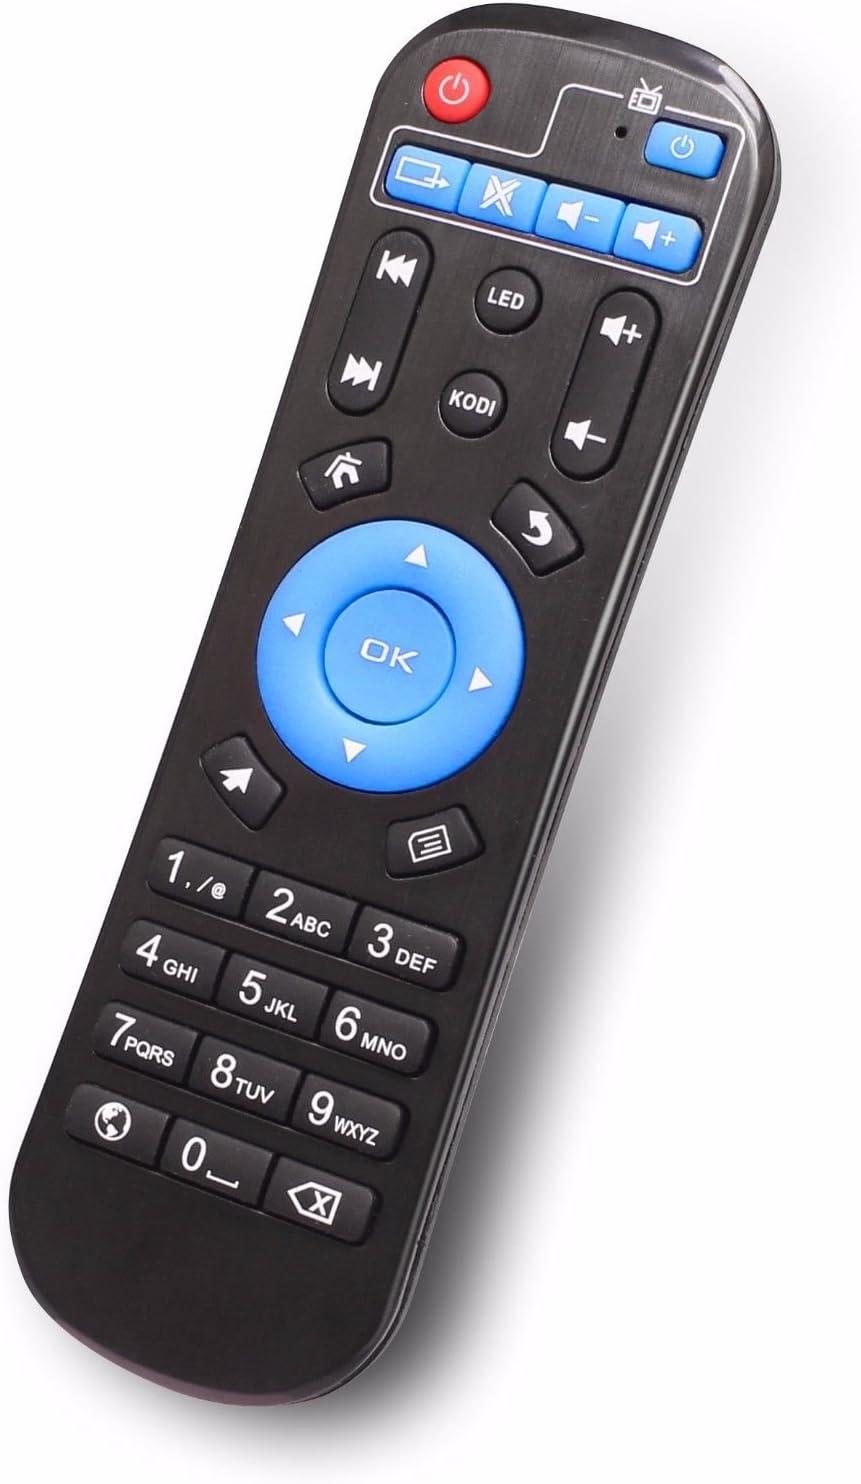 anewish repuesto original de control remoto para Android Smart TV Box Kodi/IPTV Set Top Box: Amazon.es: Electrónica